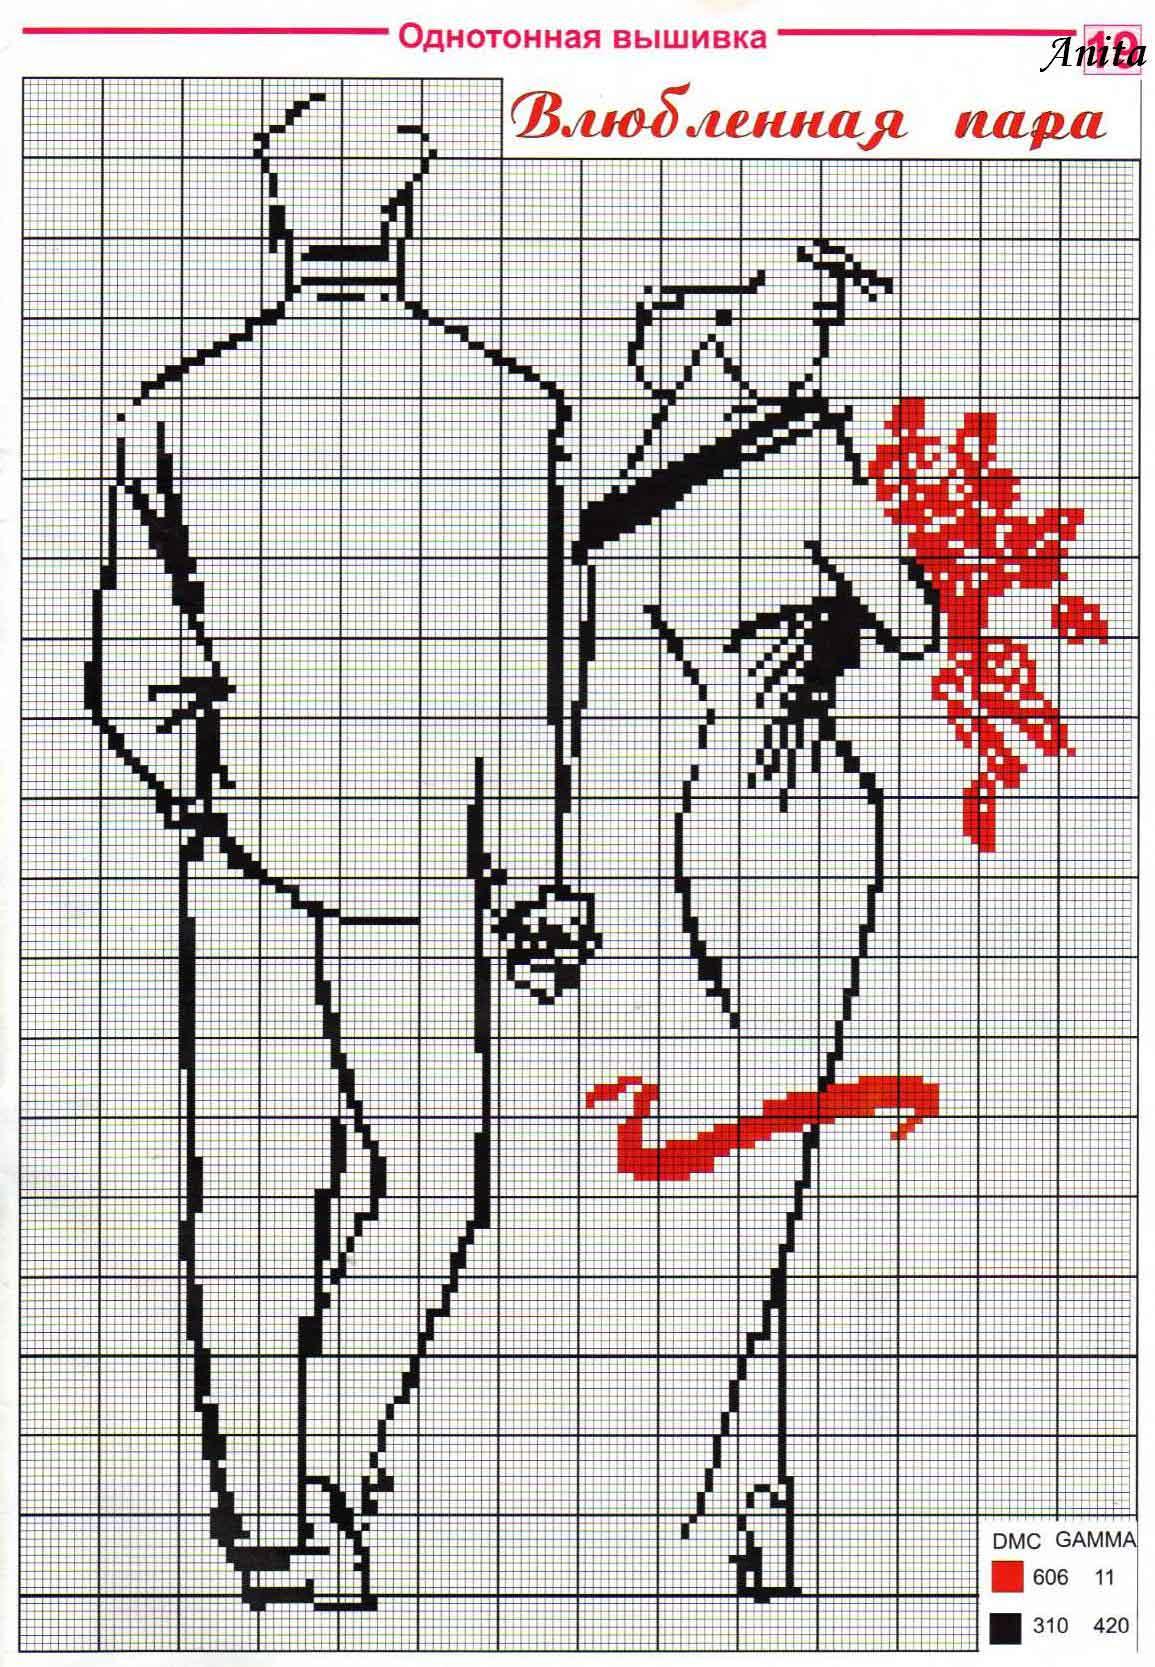 Вышивка крестом схемы скачать влюбленная пара